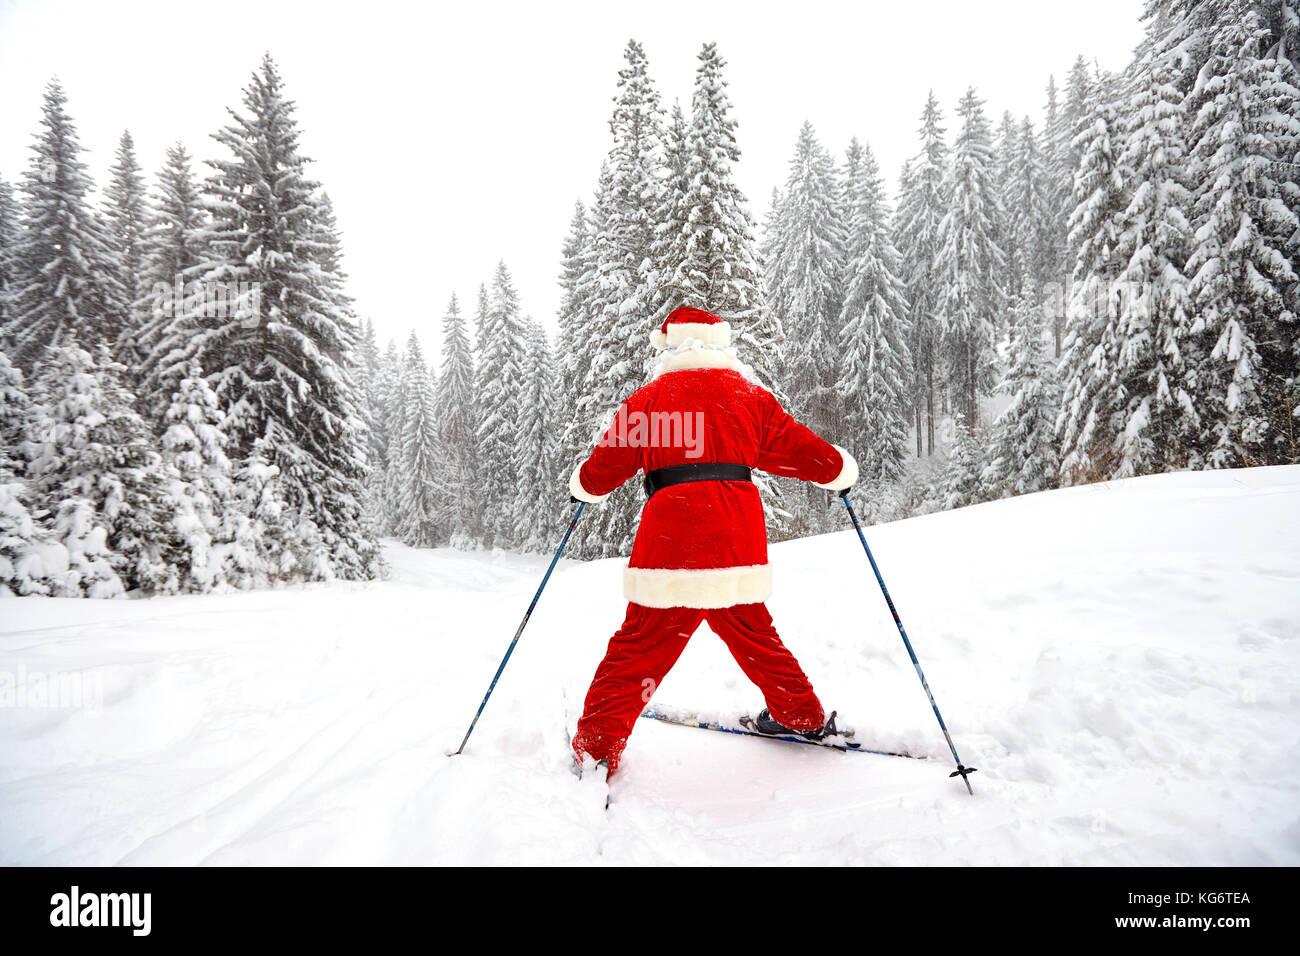 Santa Claus Skifahrer mit Ski in den Wäldern im Winter zu Weihnachten Stockbild